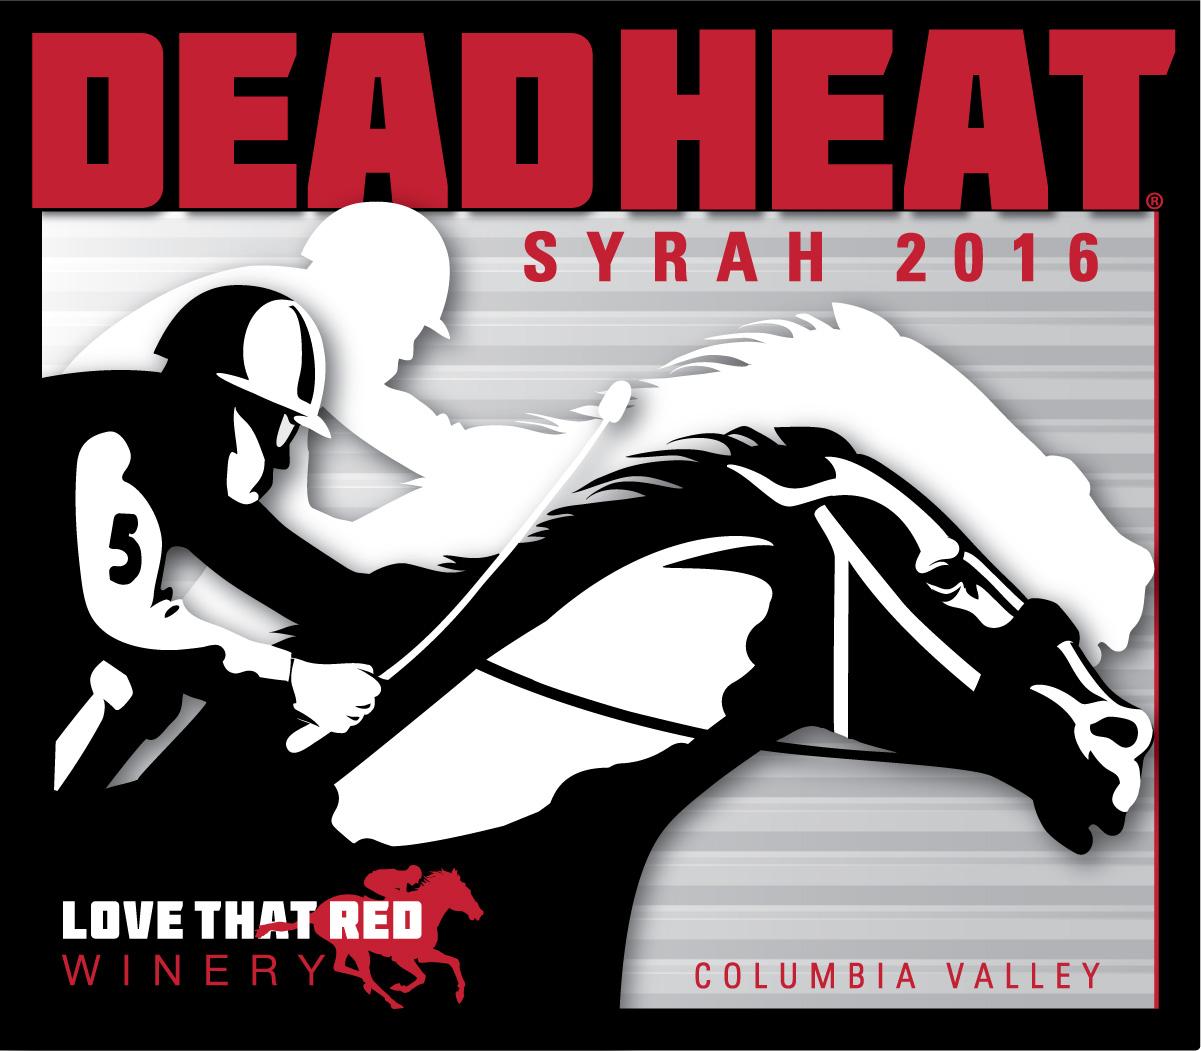 Dead Heat Syrah